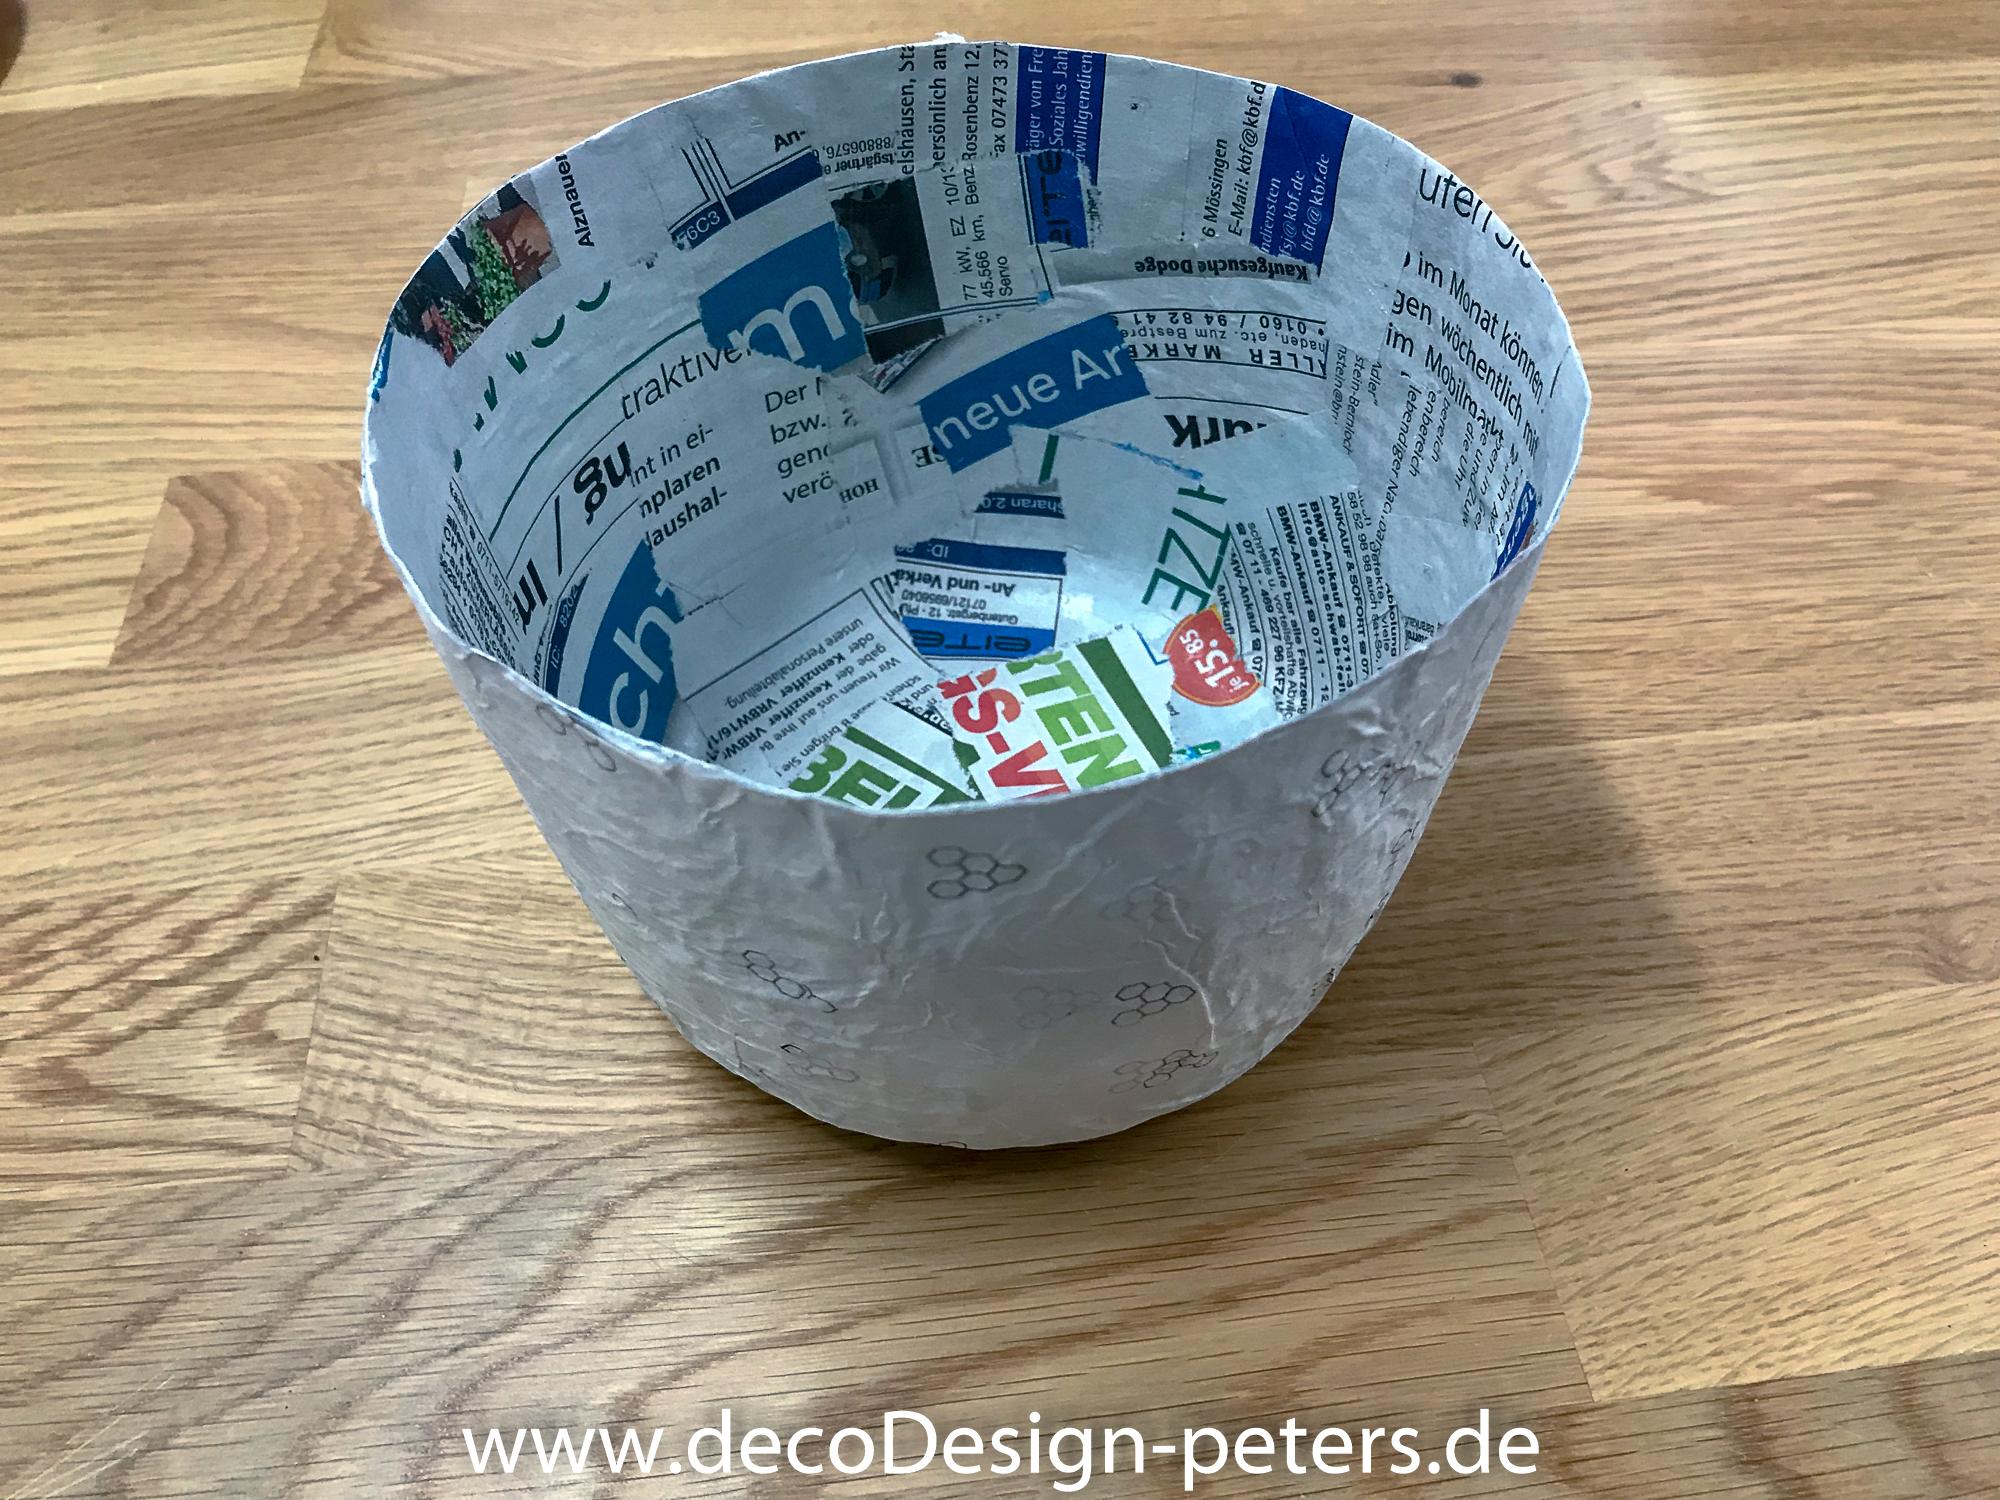 Behälter aus Pappmache im Rohzustand (c)decoDesign-peters